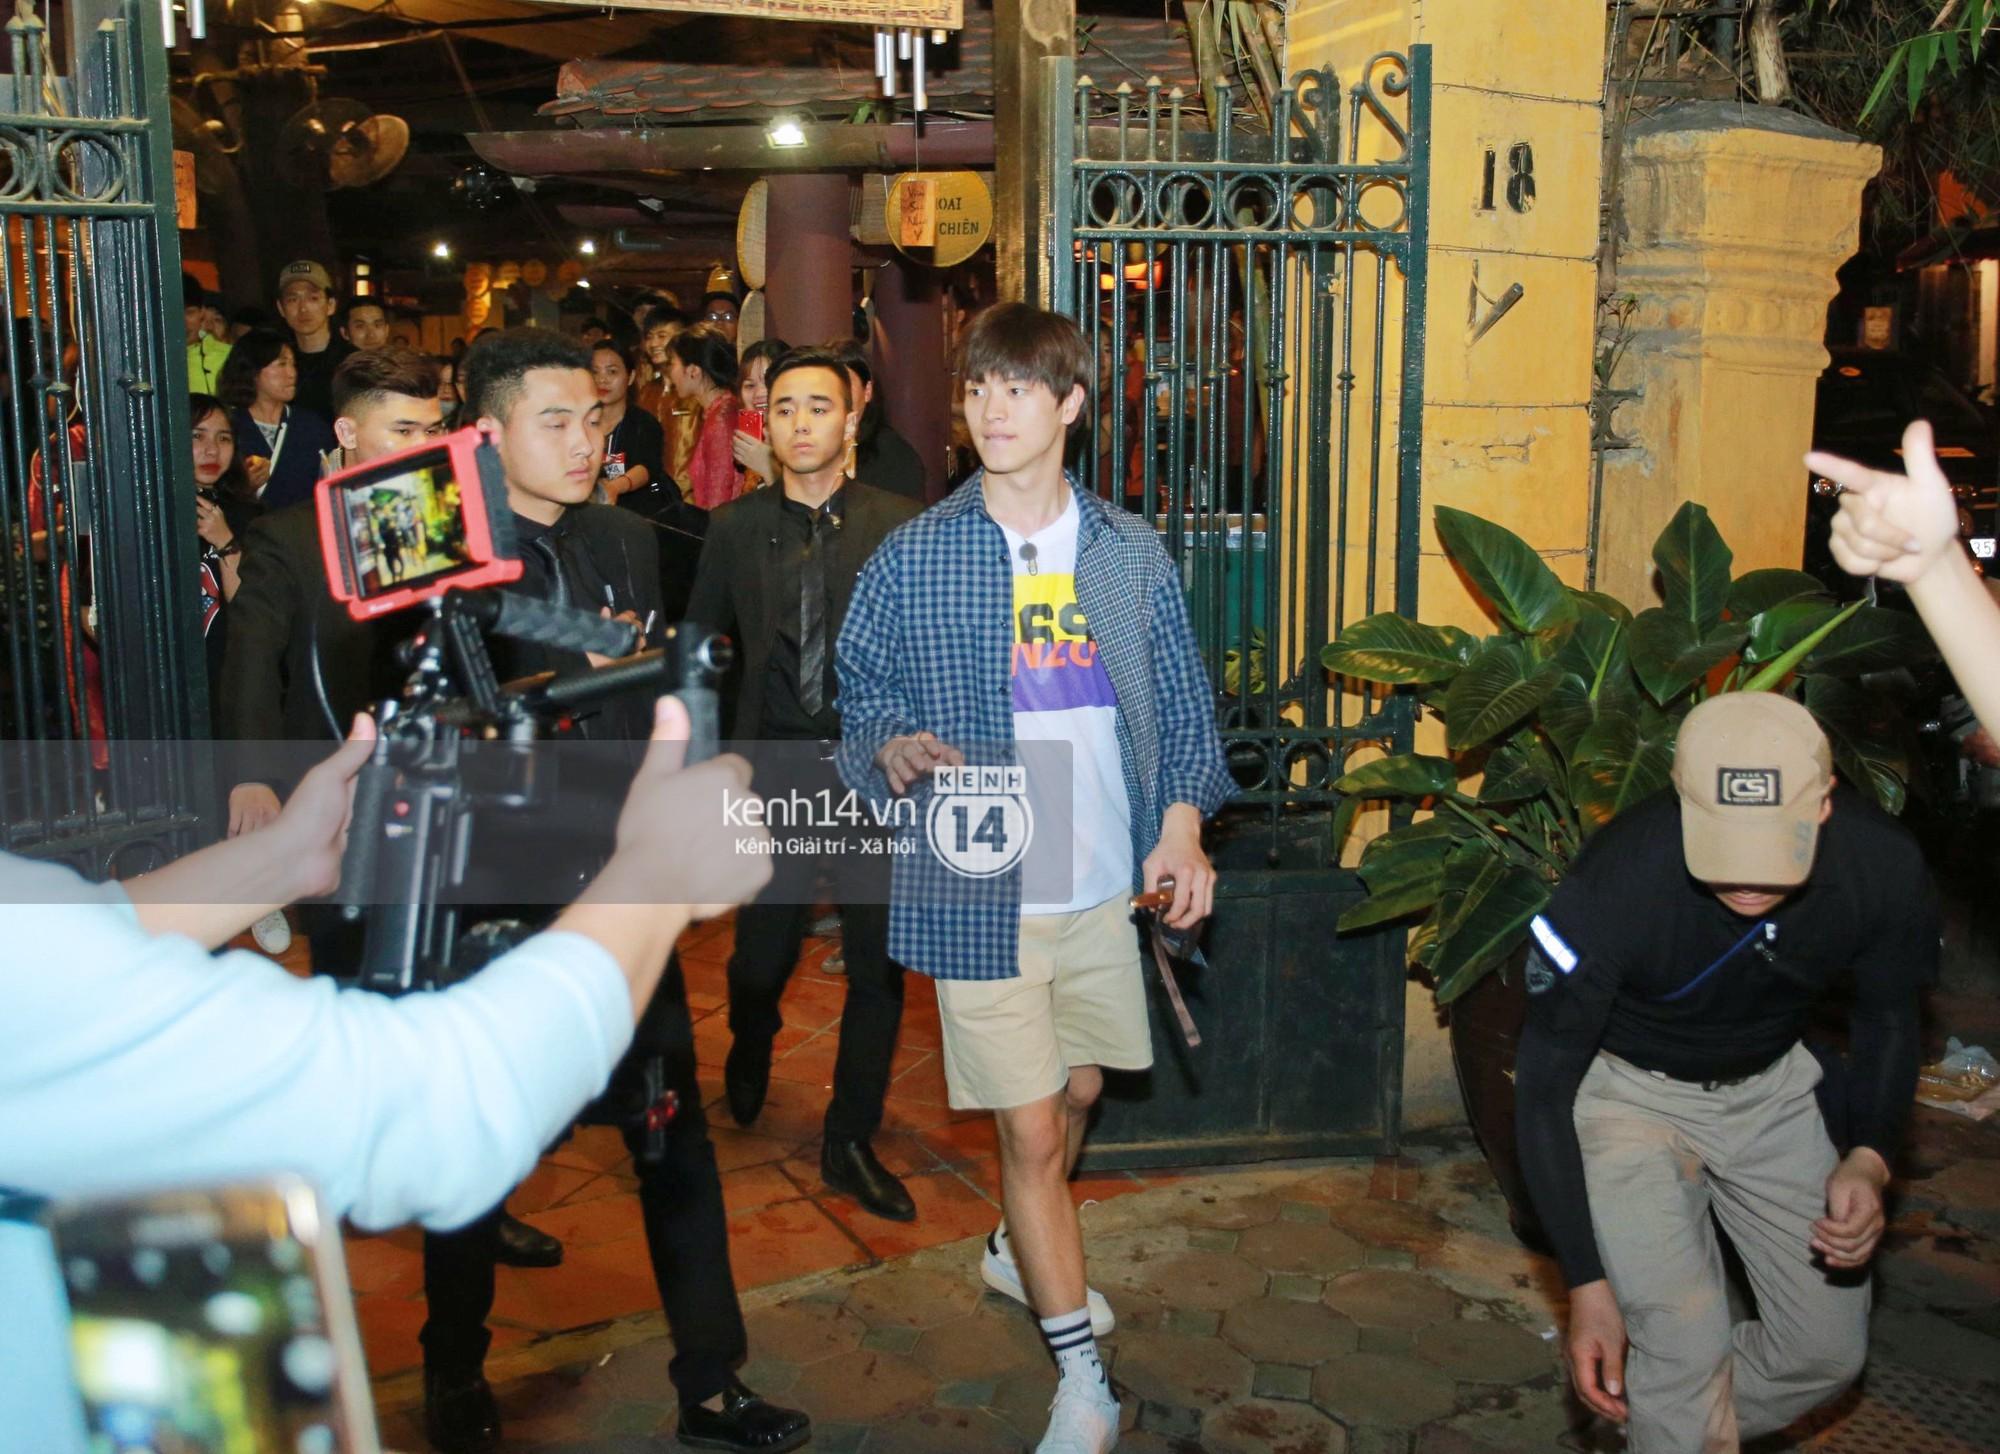 Đến nhà hàng Việt dùng bữa, tài tử Hoa du ký Lee Seung Gi, Yook Sung Jae cùng HLV U23 khó khăn thoát khỏi đám đông fan - Ảnh 4.